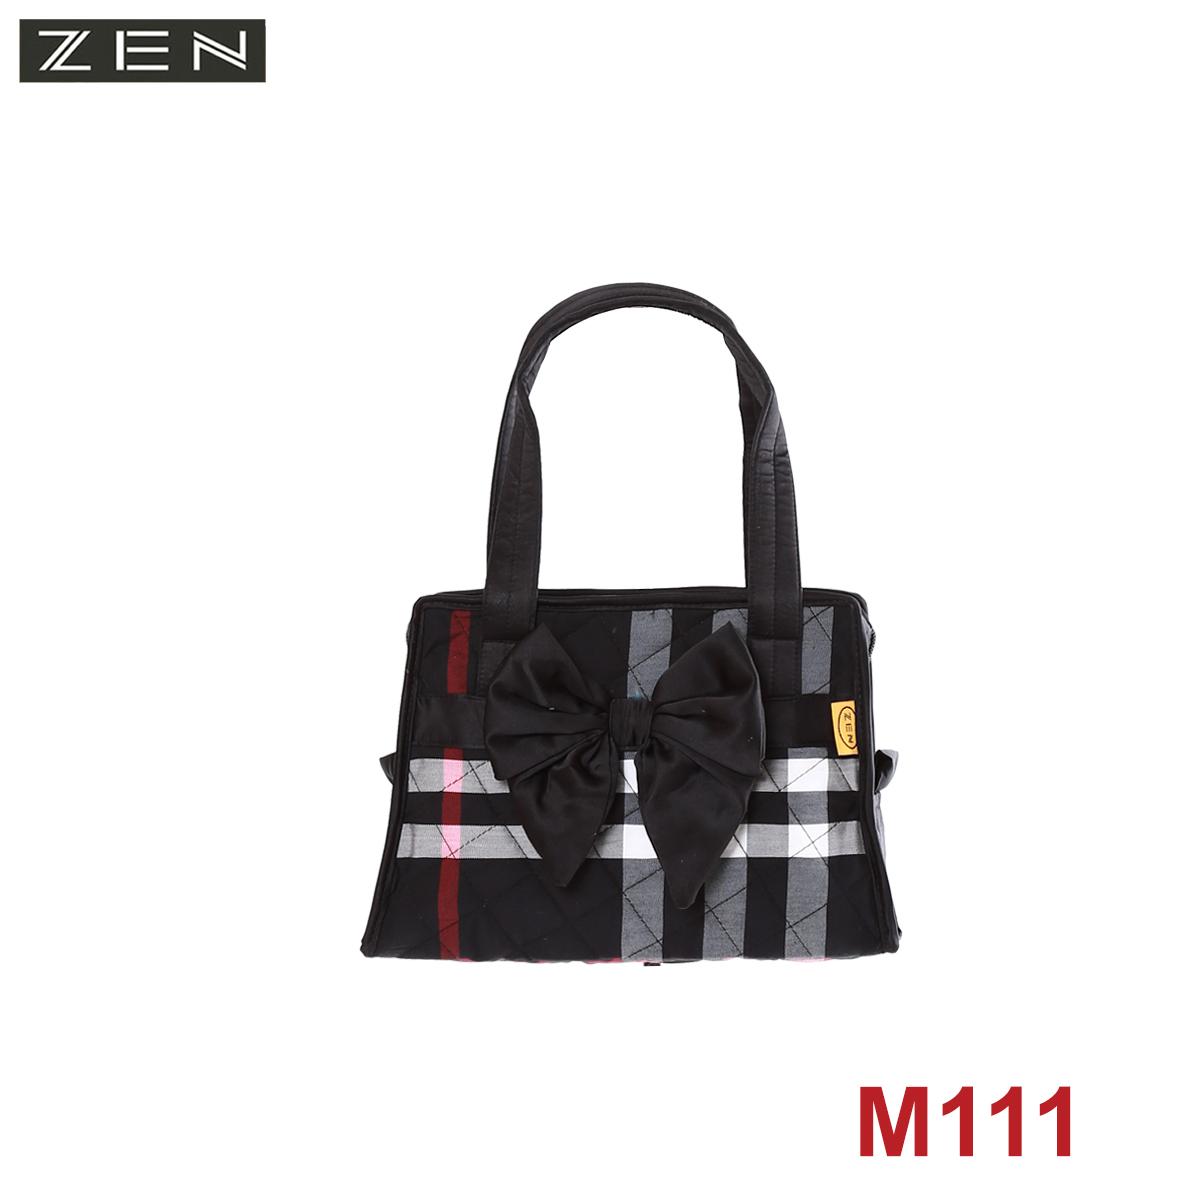 T122/M110/TÚI NHỎ, HÌNH THANG, NƠ GIỮA,CÁC  MÀU